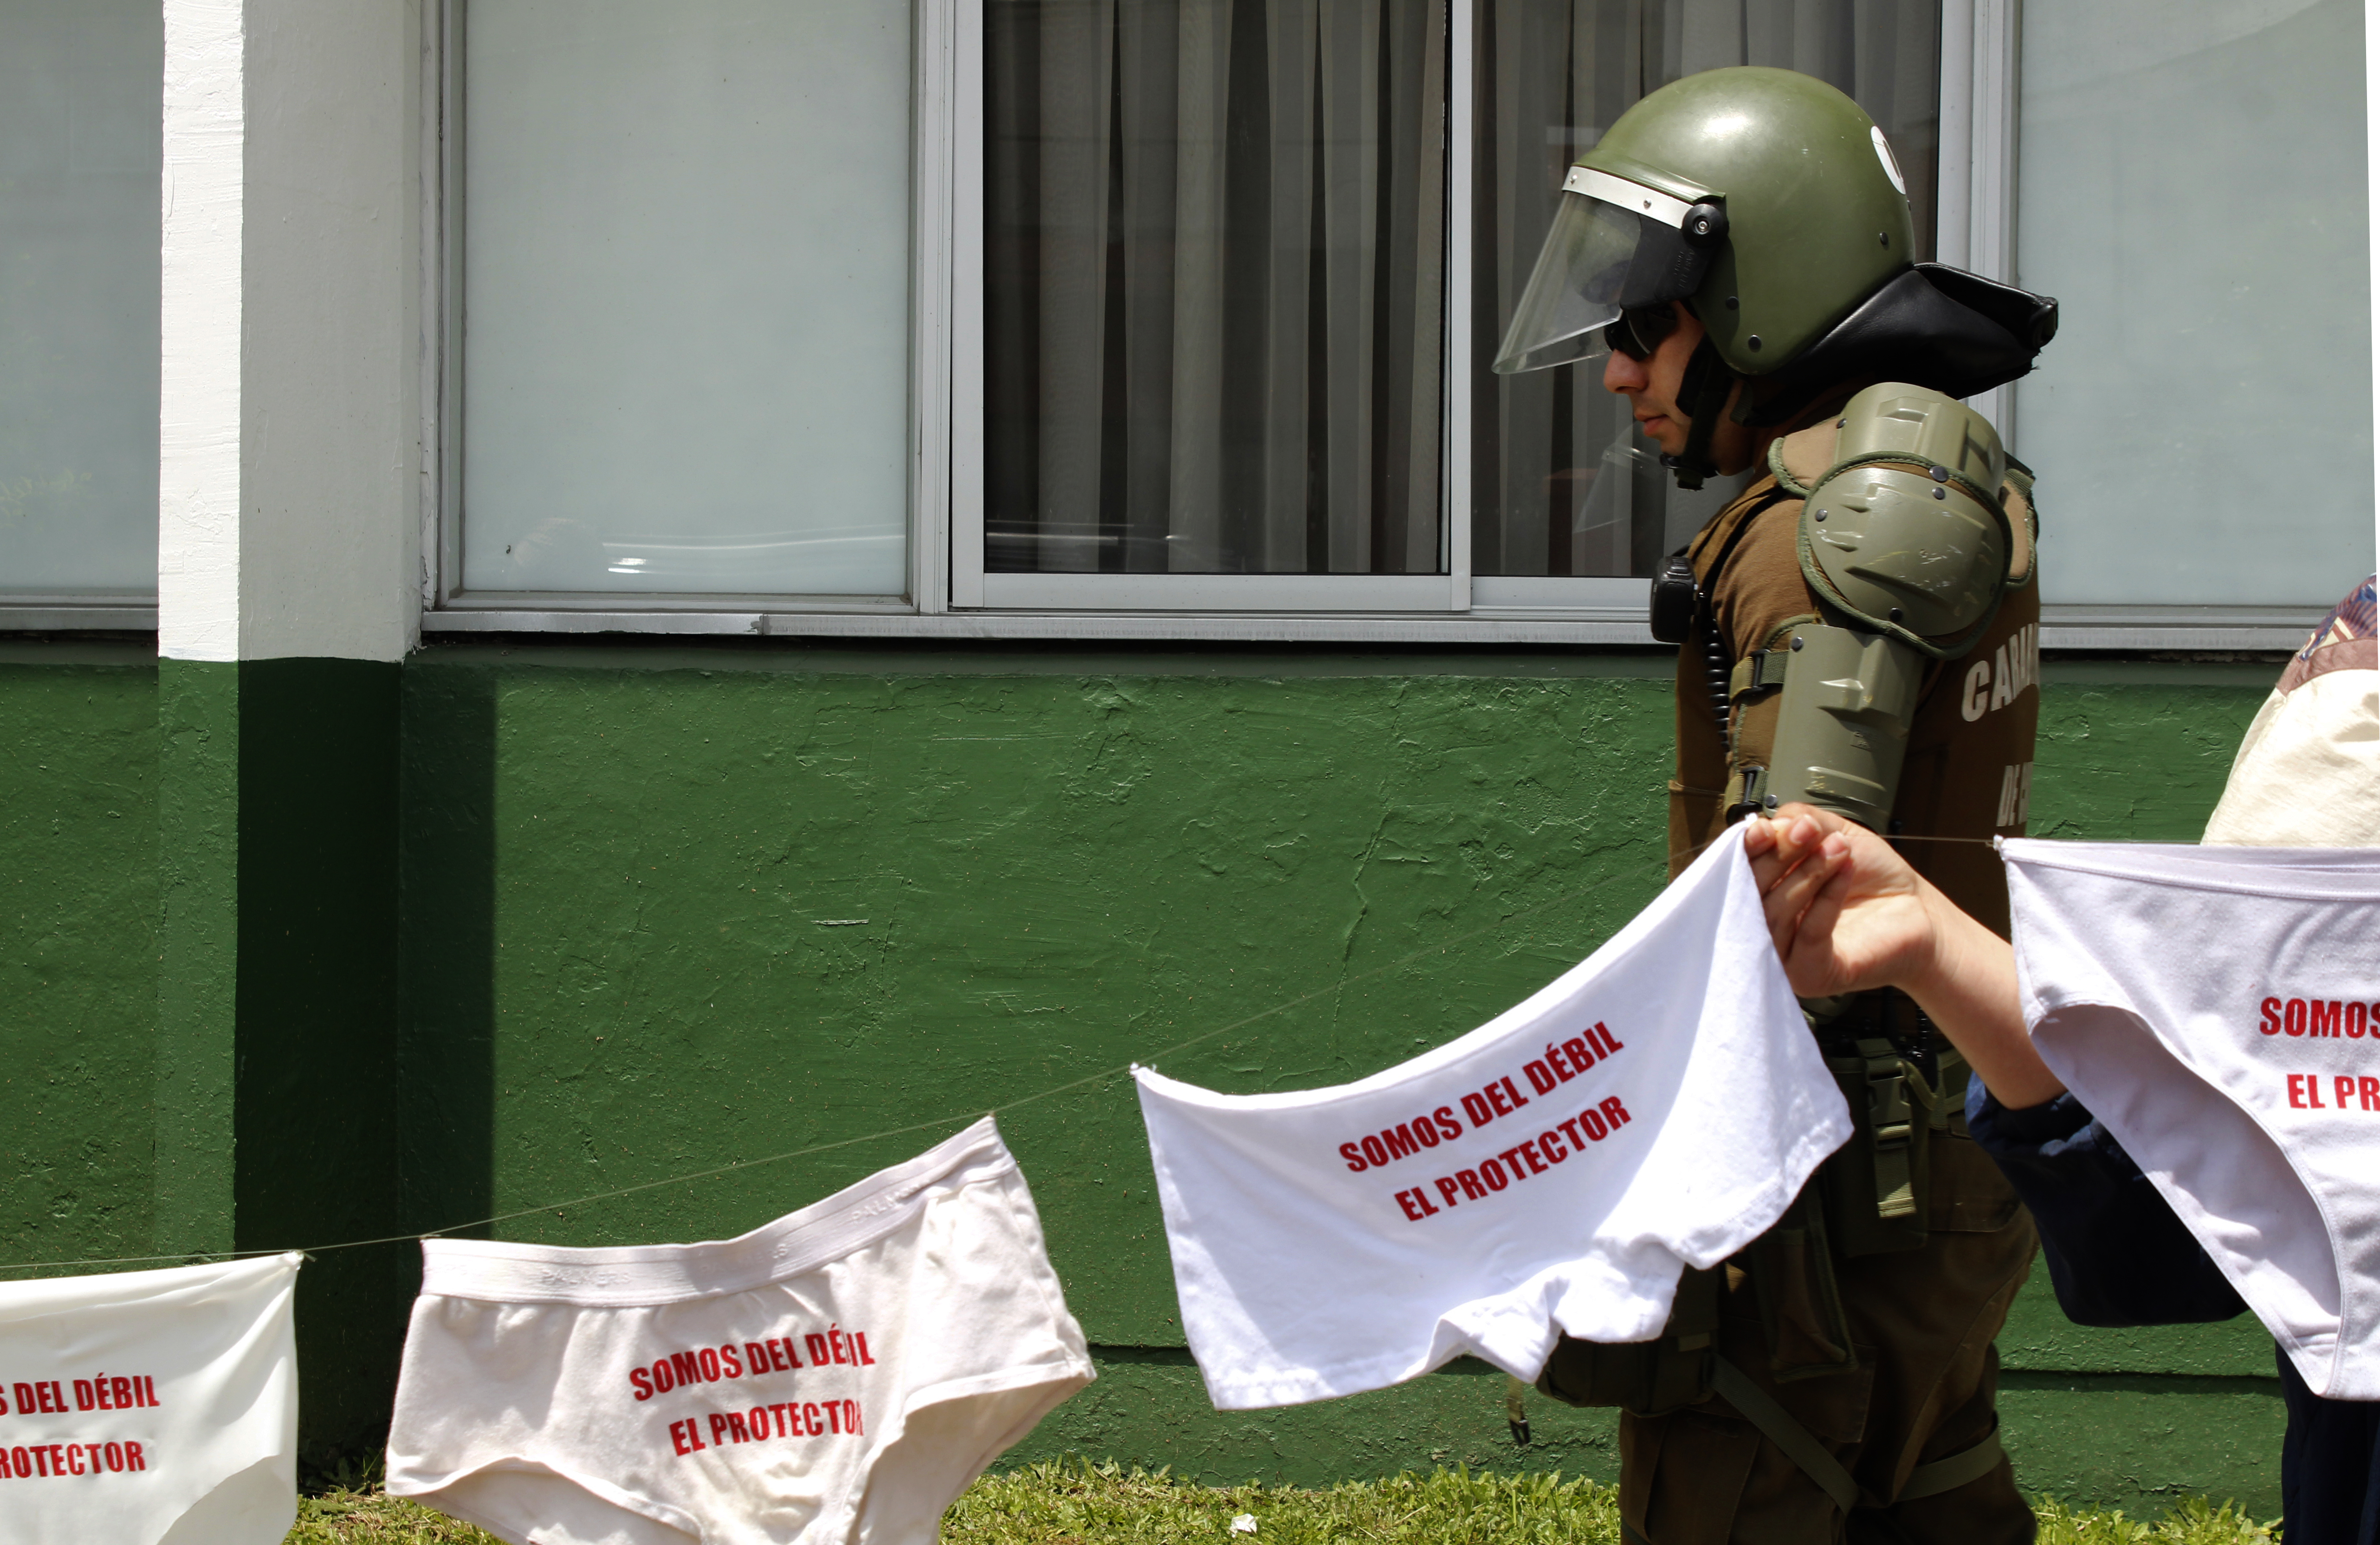 """Intervención colectiva """"Somos del débil el protector"""""""